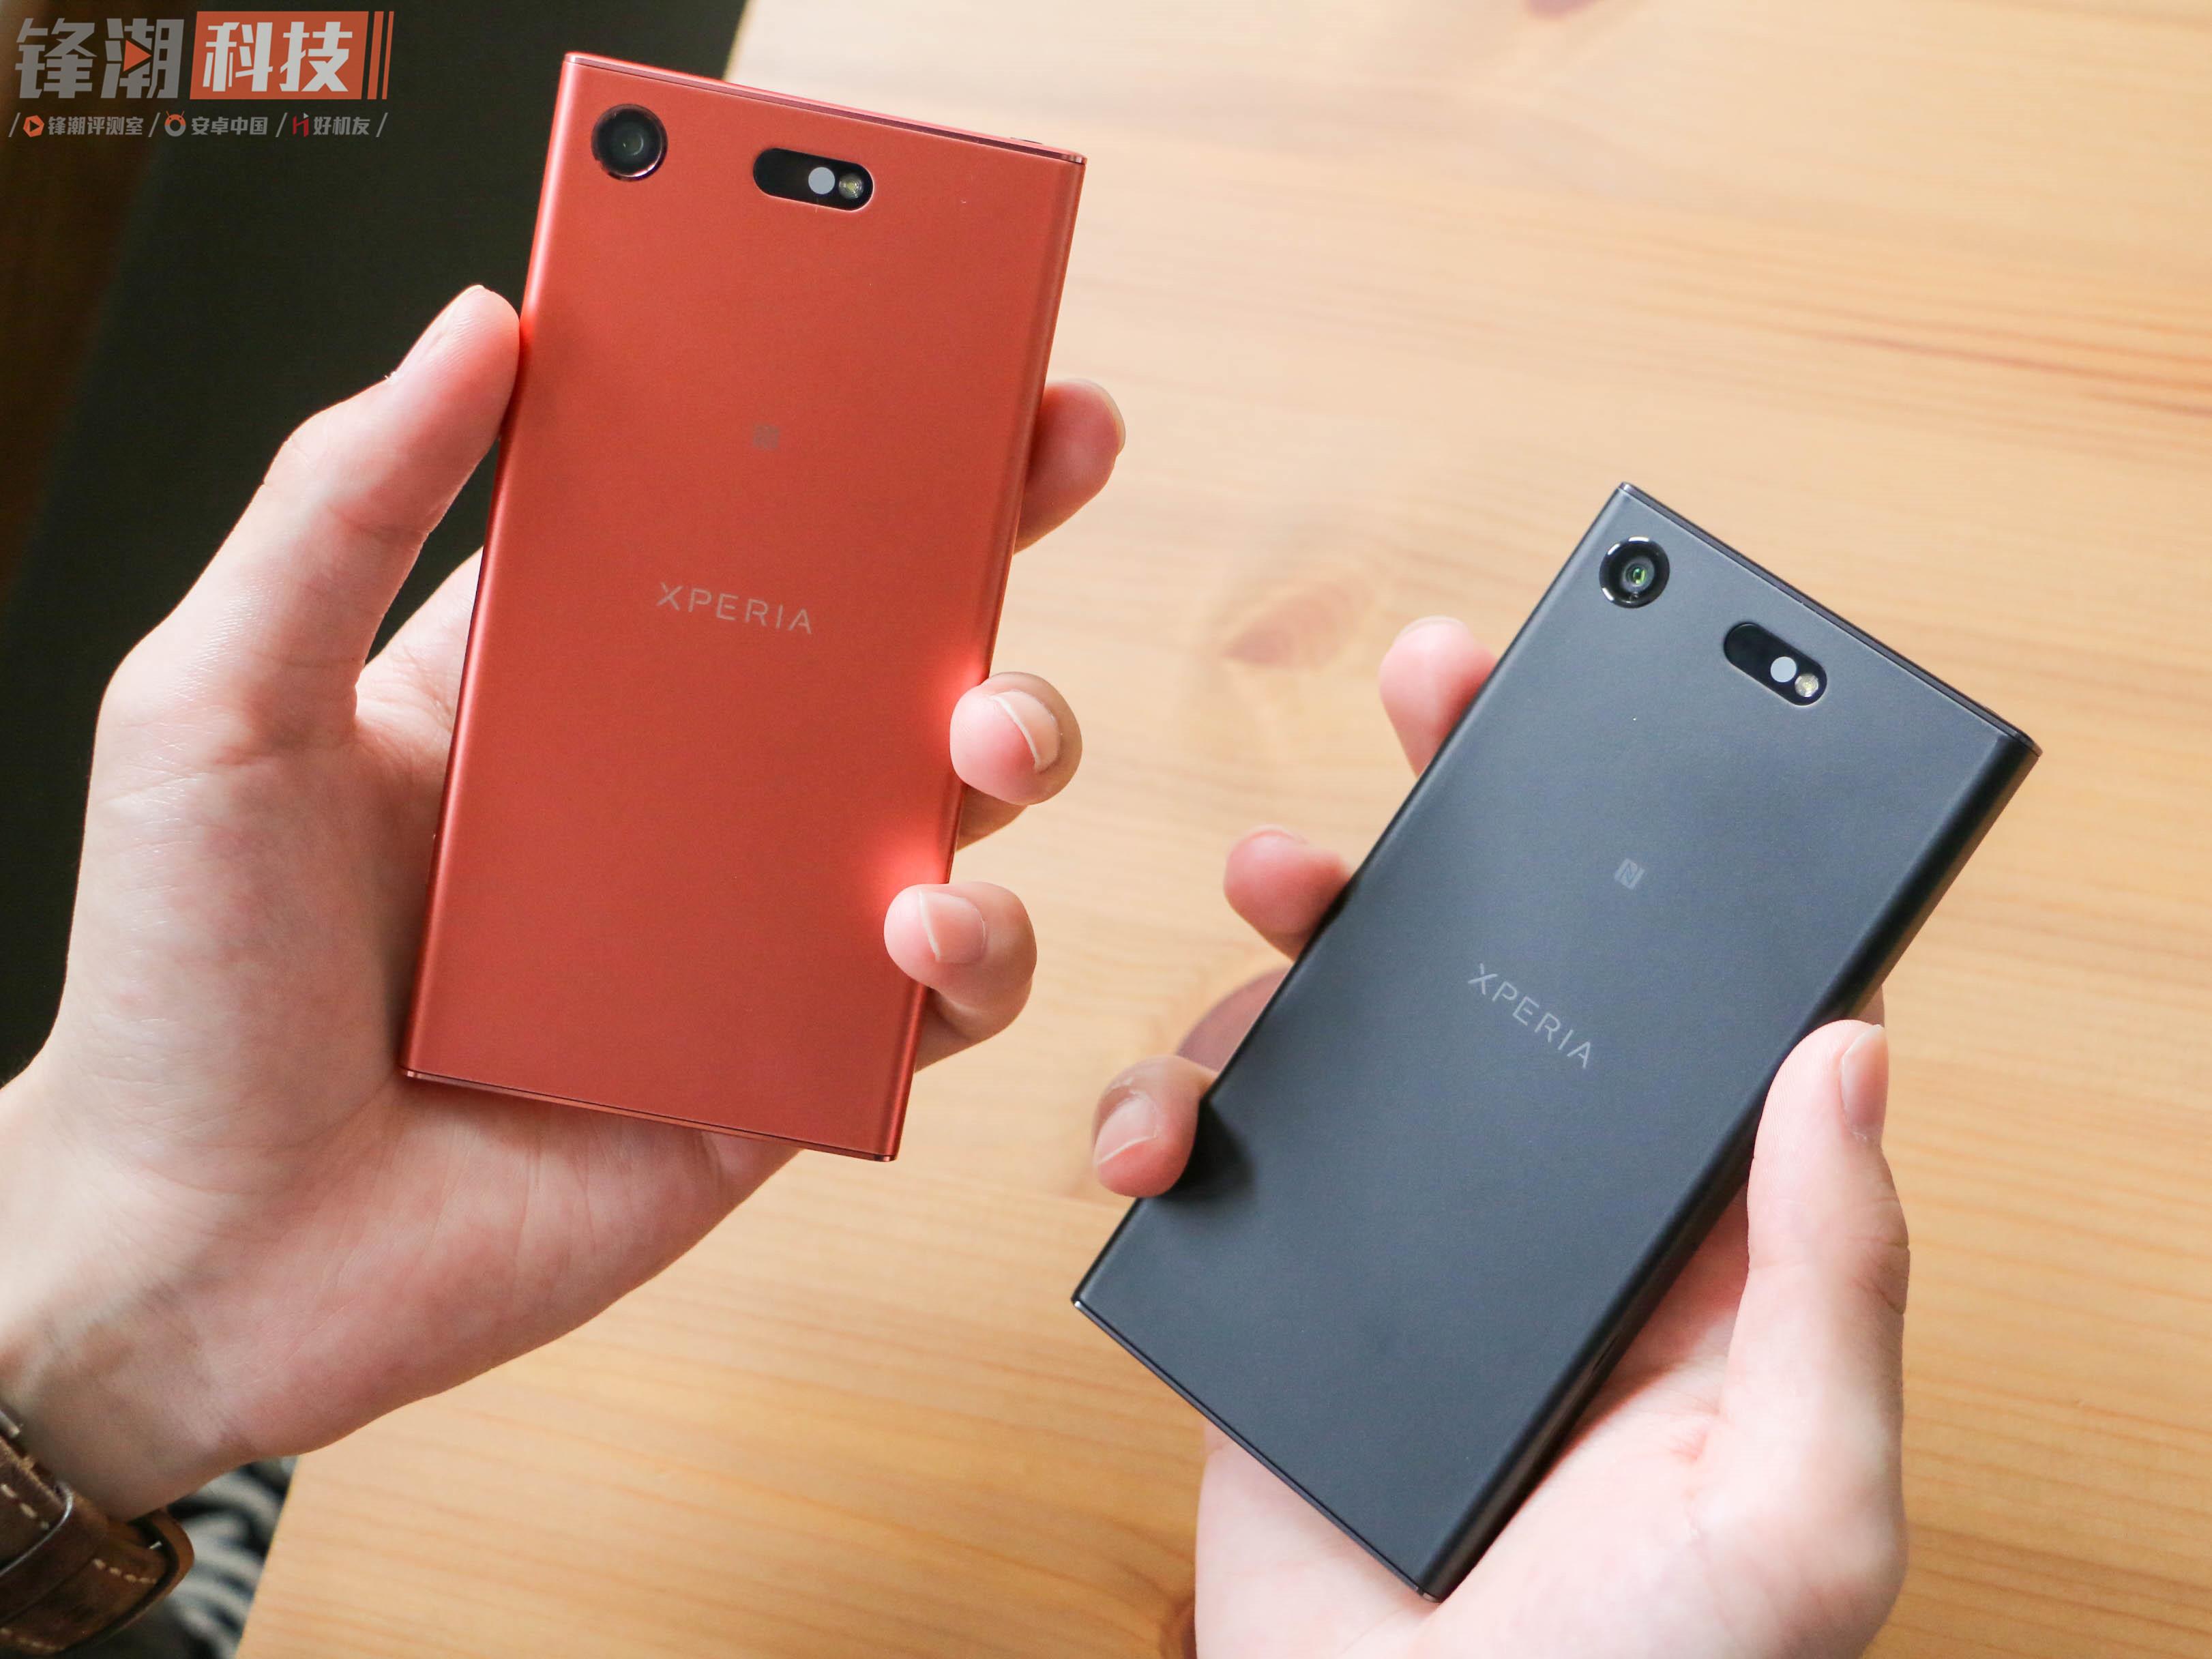 【力皮西】小屏旗舰的最后生还者:索尼Xperia XZ1 Compact  评测